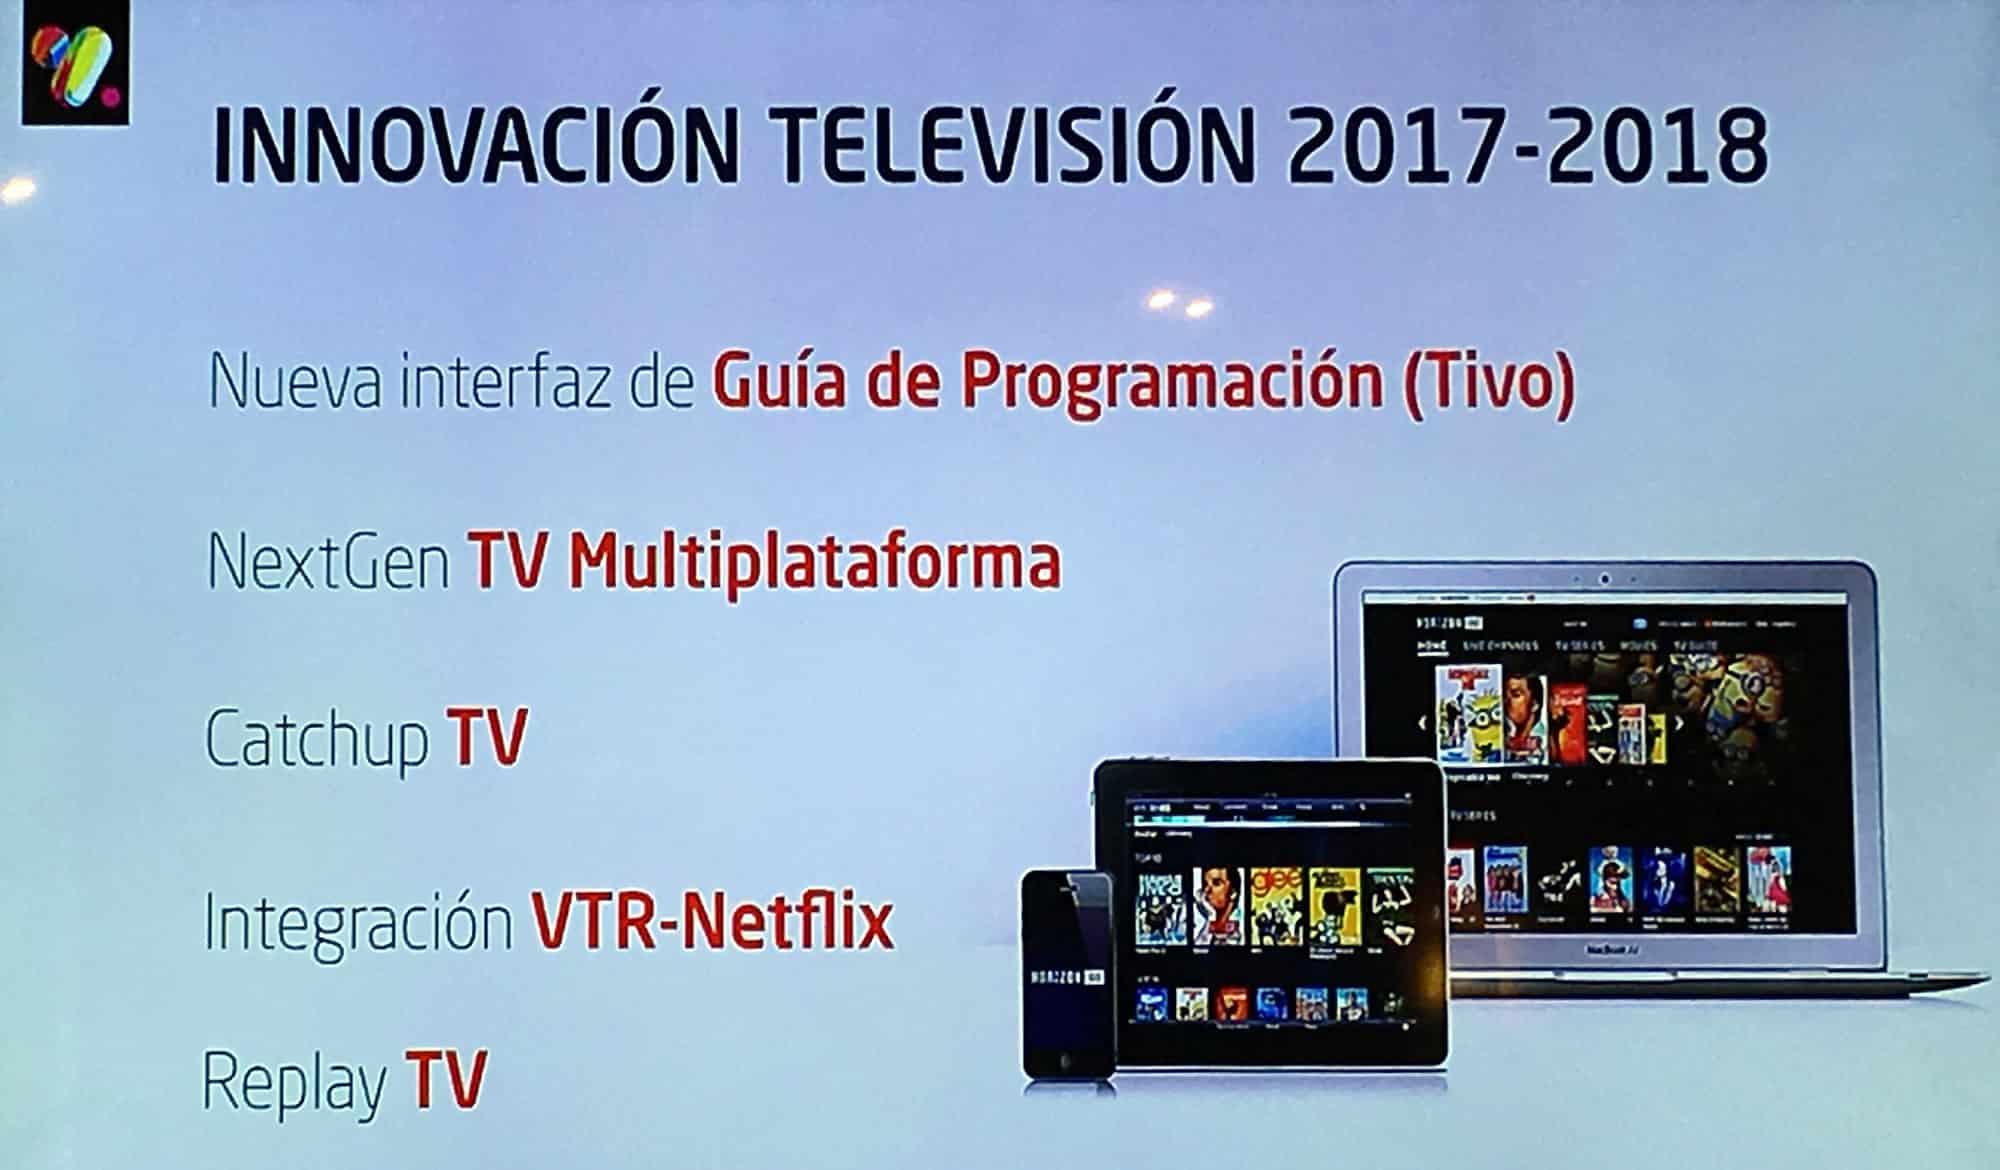 Planes de VTR en Televisión 2017-2018 que incluyen a 'EOS'.